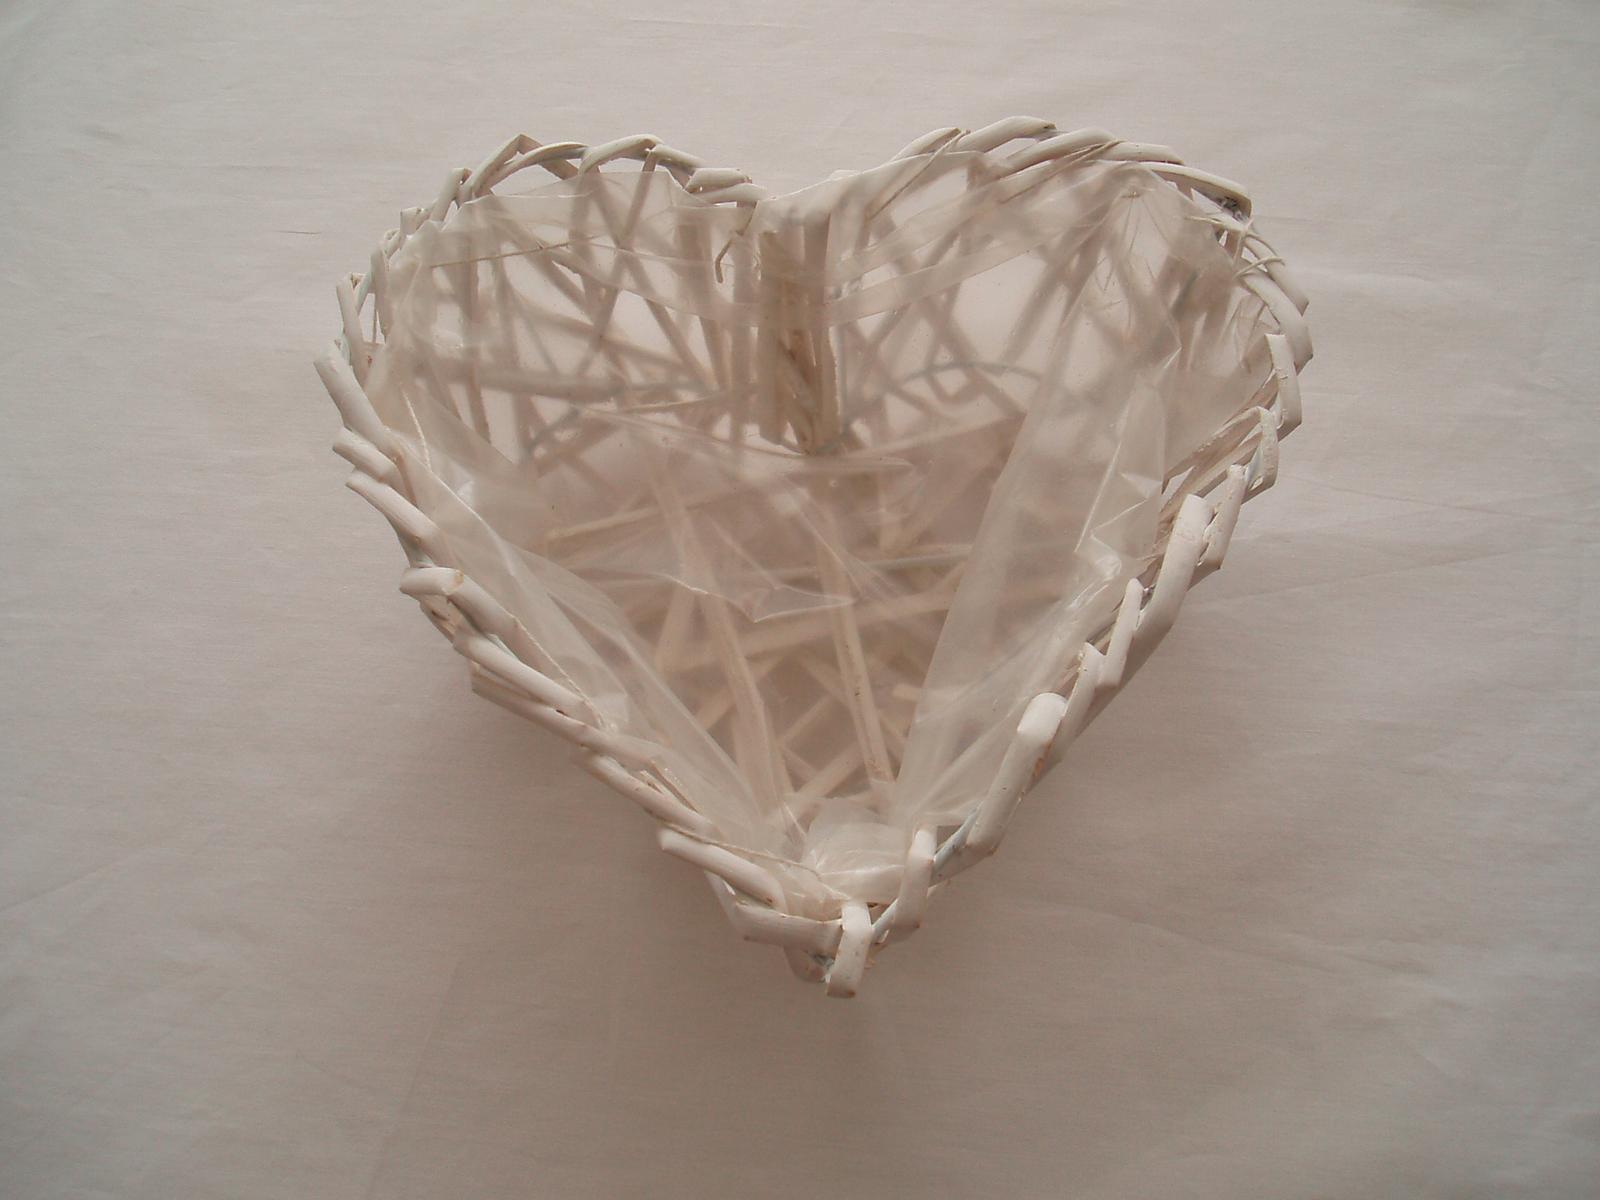 košík-srdce - Obrázek č. 1